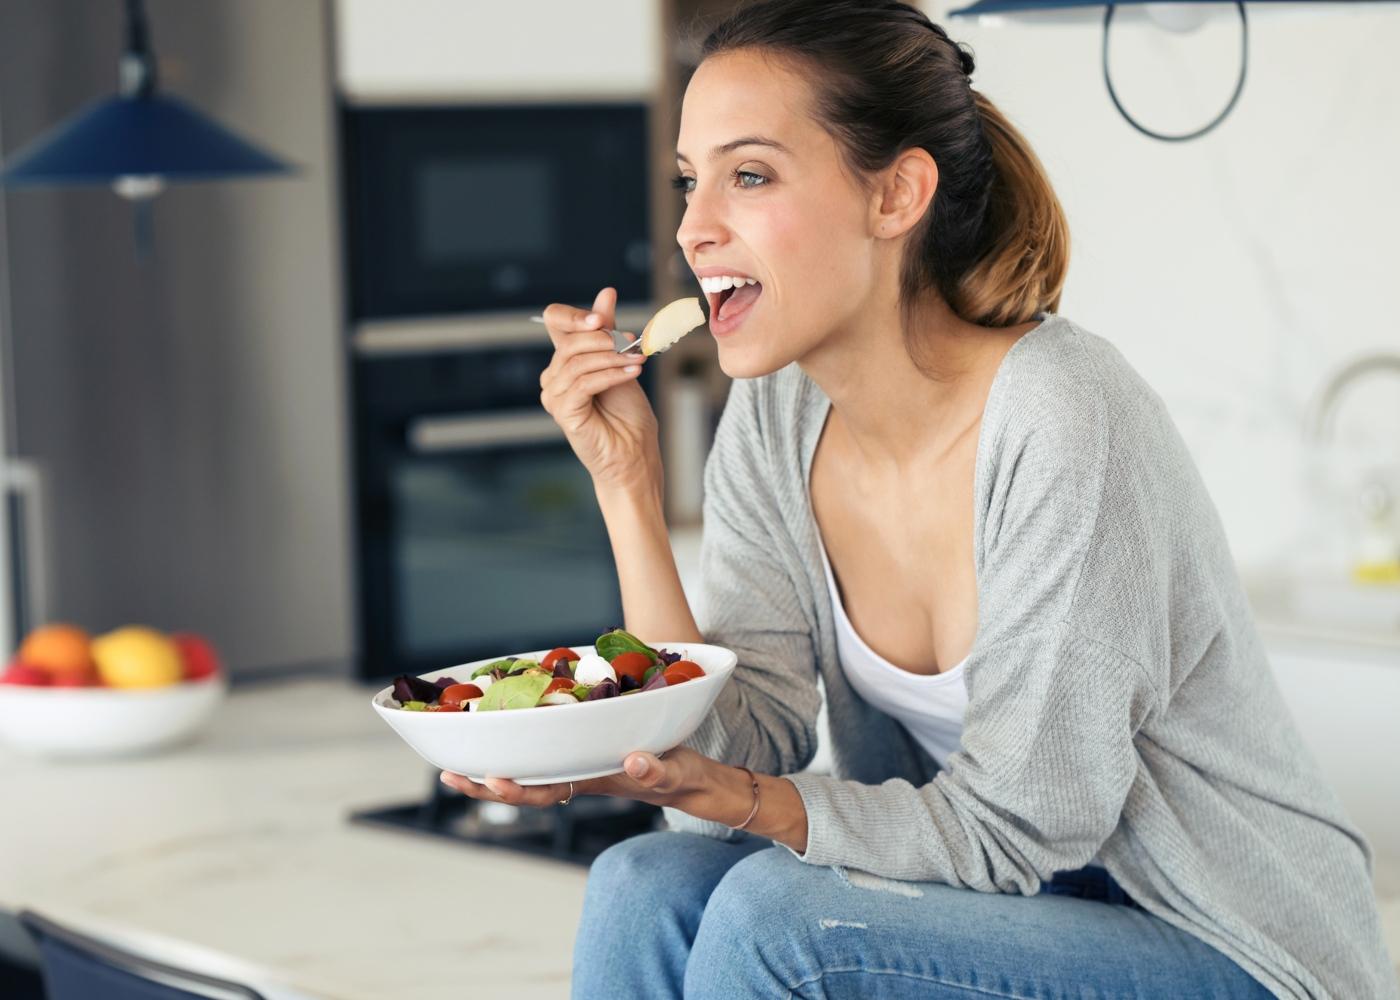 Mulher a comer salada sentada na bancada da cozinha